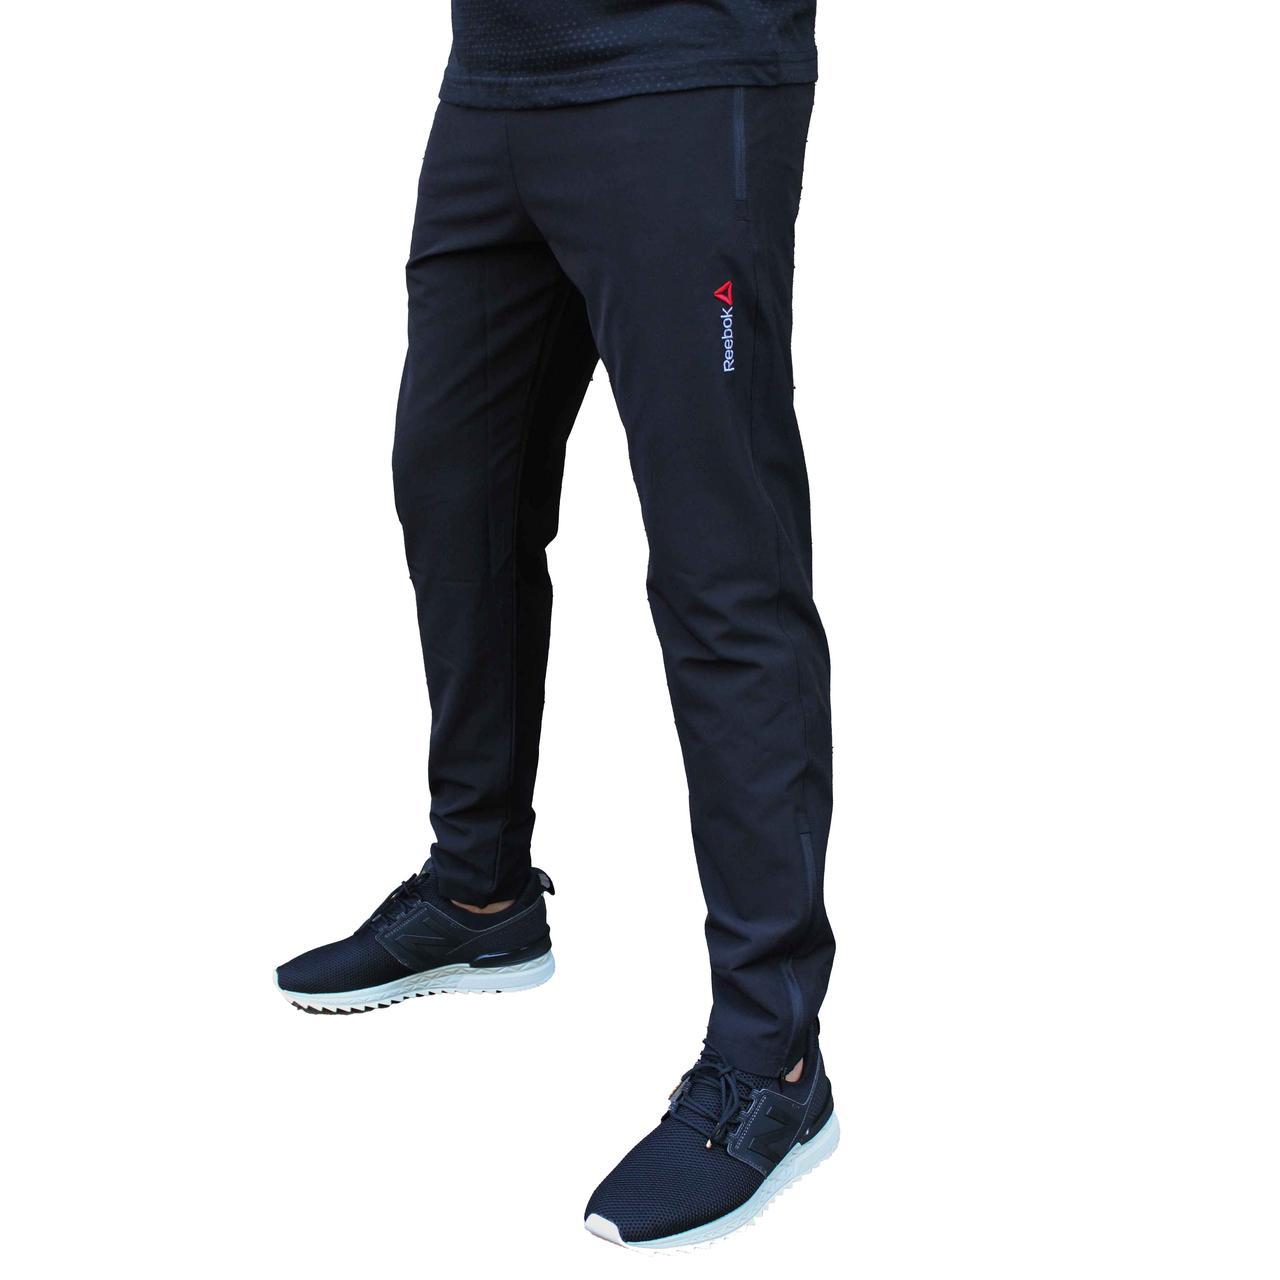 Черные летние прямые спортивные штаны Reebok плащевка стрейч (Реплика)